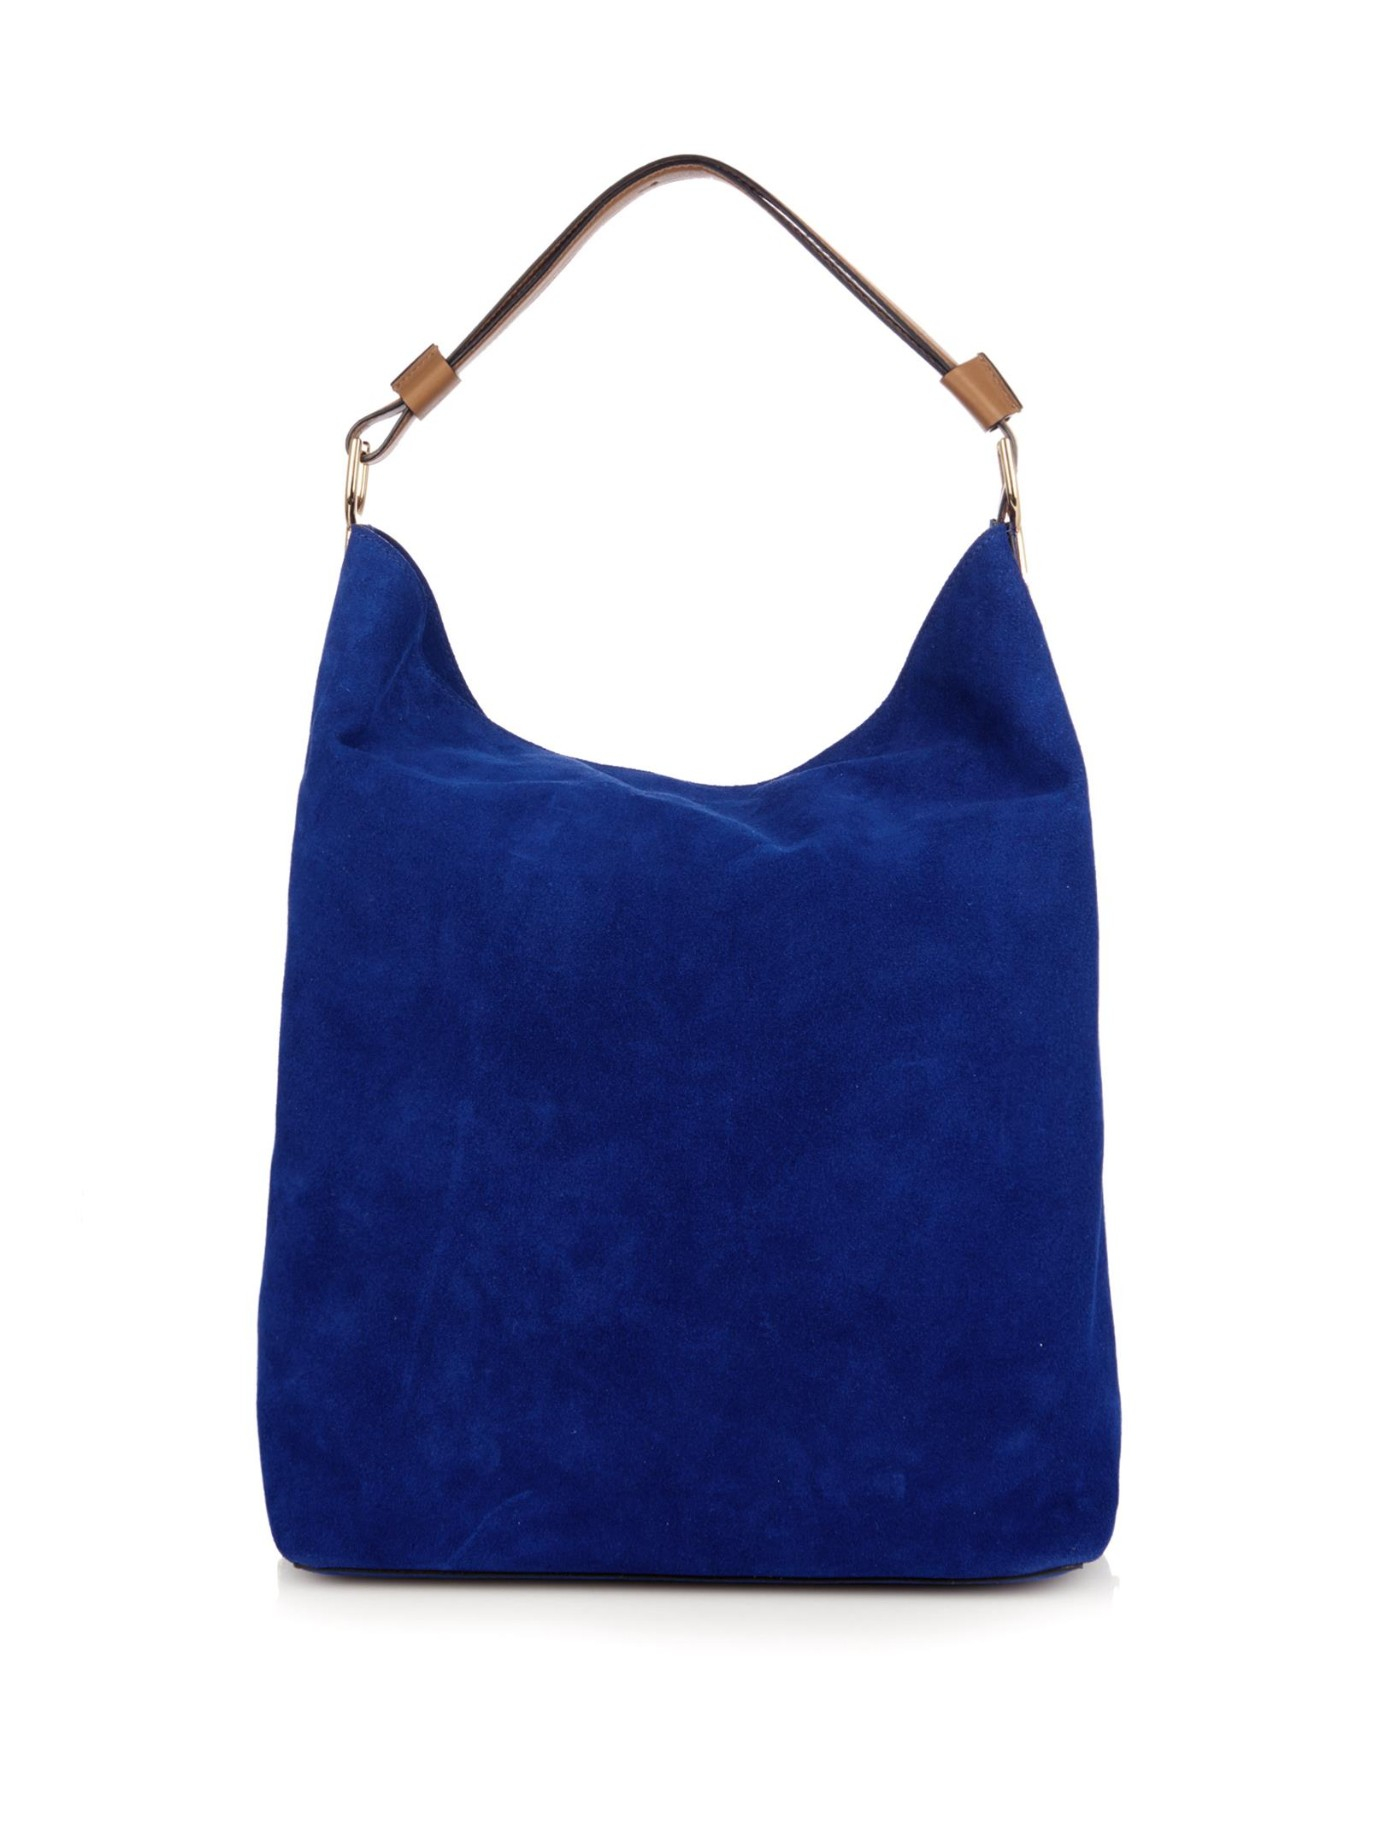 Marni Suede Shoulder Bag In Blue Lyst